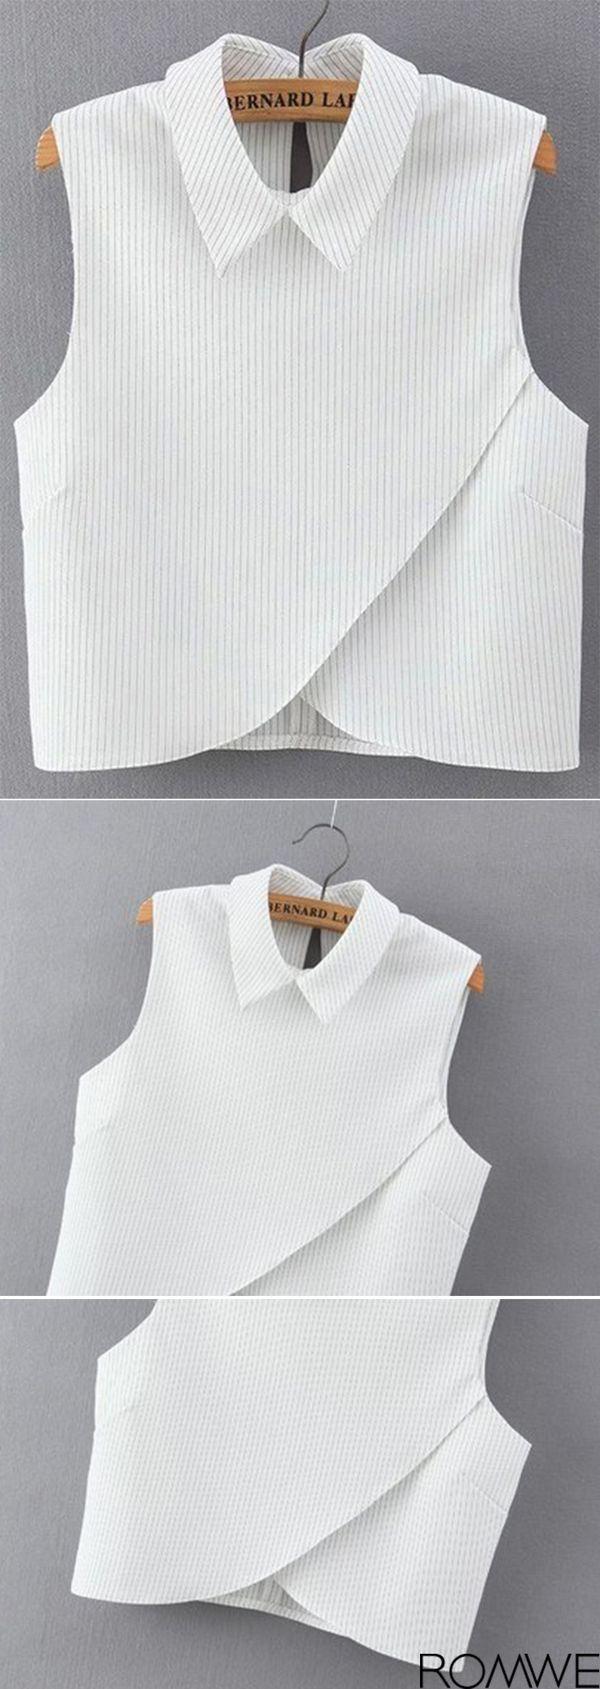 ideal para combinar con un look casual y formal.